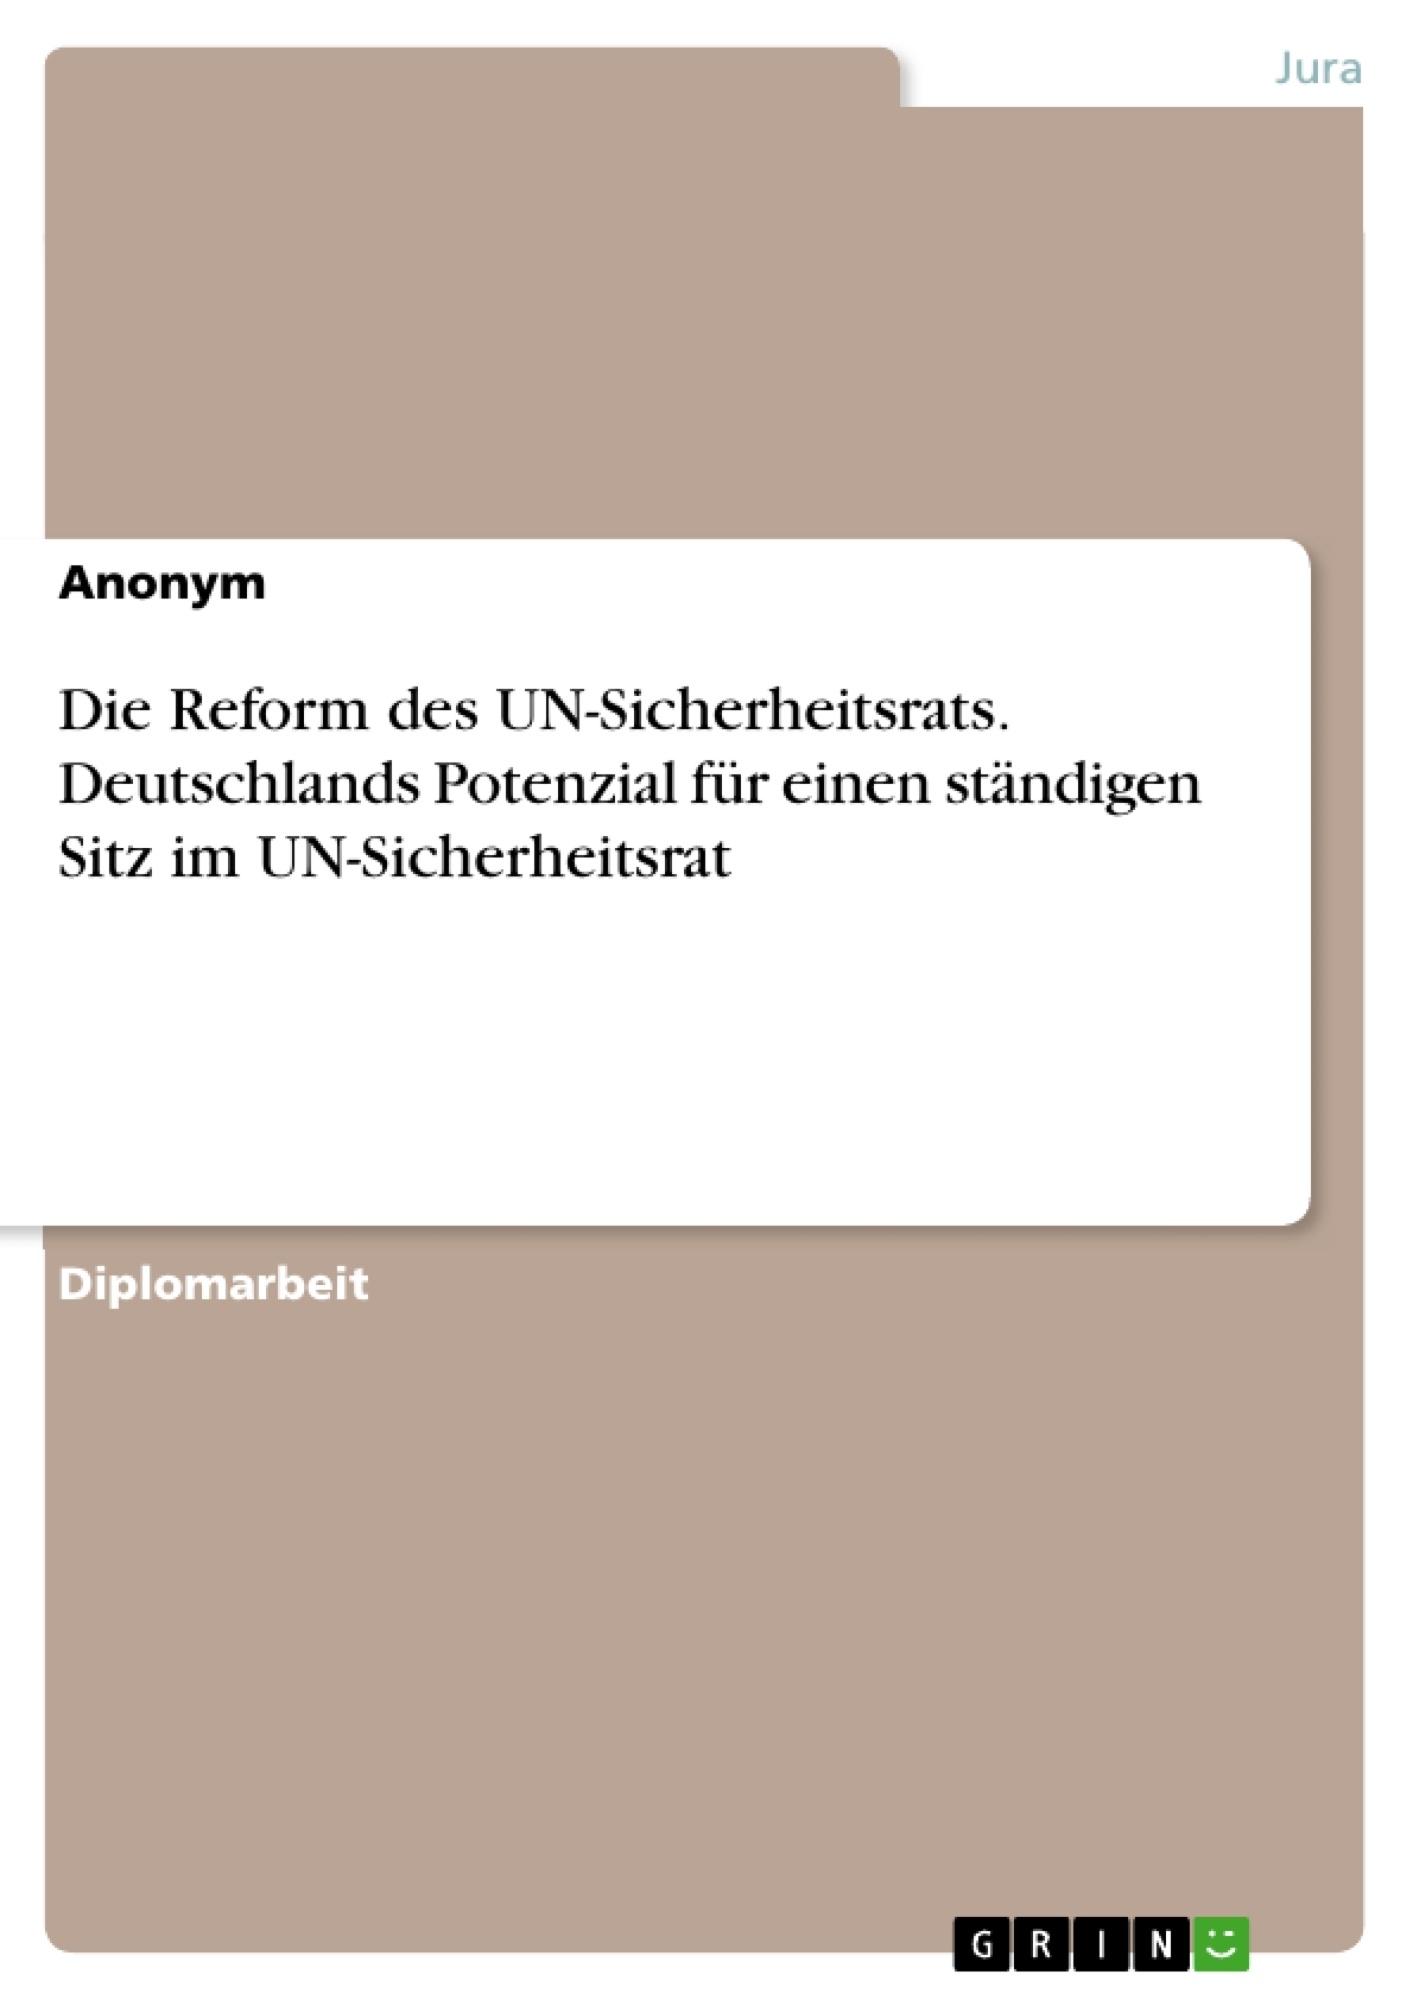 Titel: Die Reform des UN-Sicherheitsrats. Deutschlands Potenzial für einen ständigen Sitz im UN-Sicherheitsrat